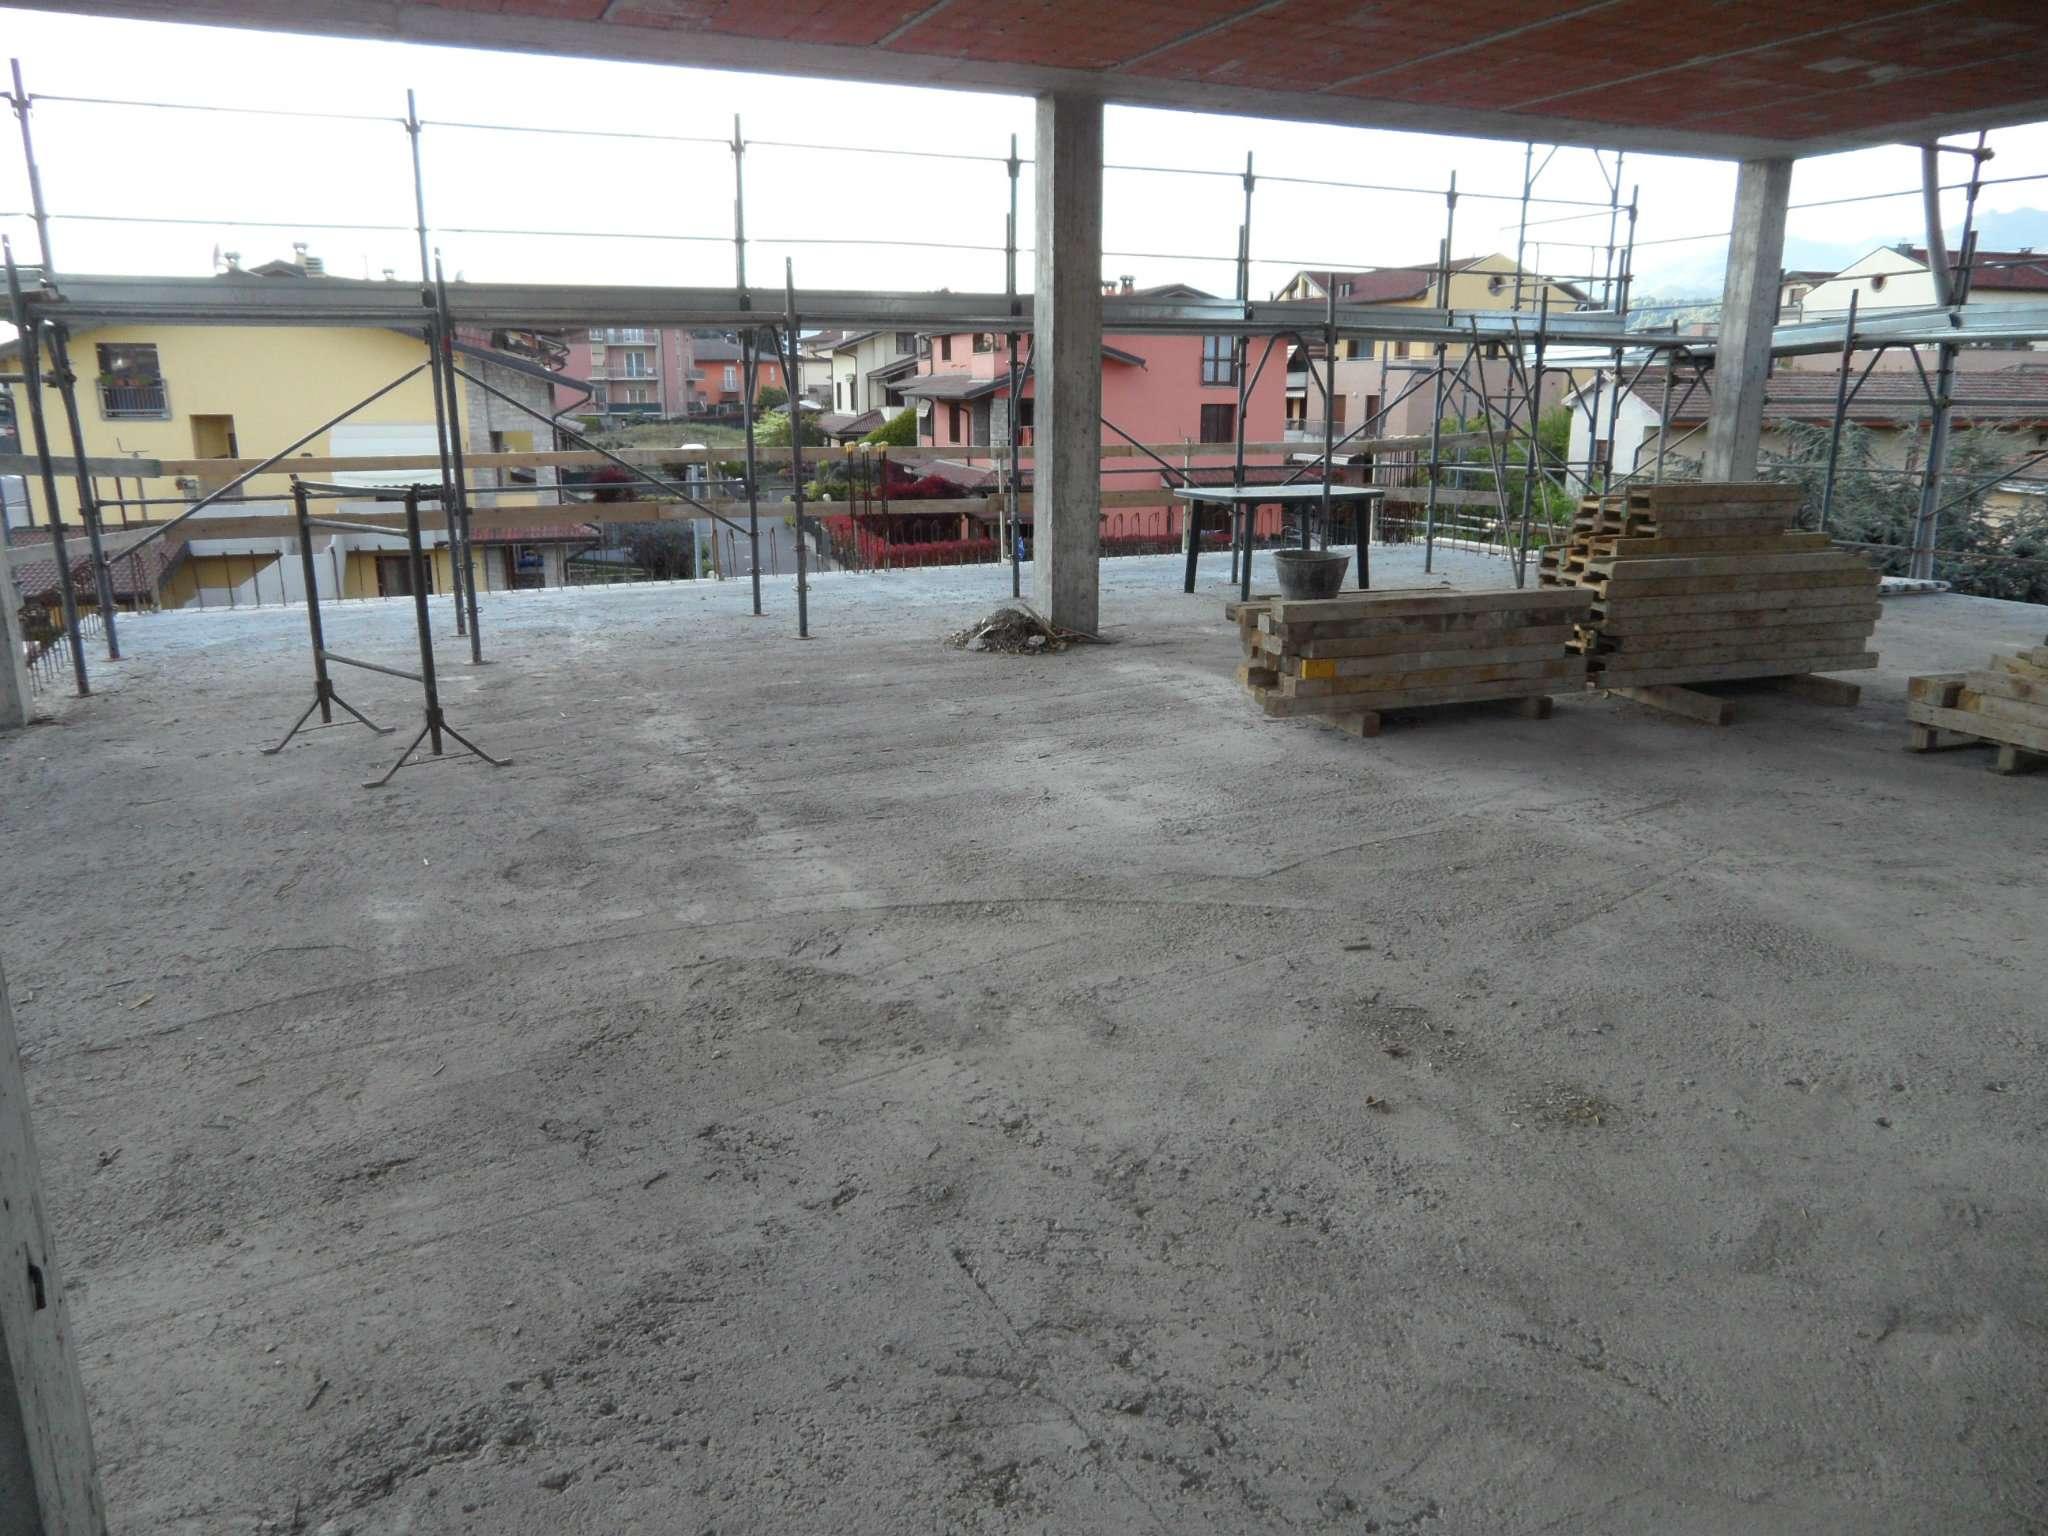 Attico / Mansarda in vendita a Albano Sant'Alessandro, 4 locali, prezzo € 450.000 | CambioCasa.it